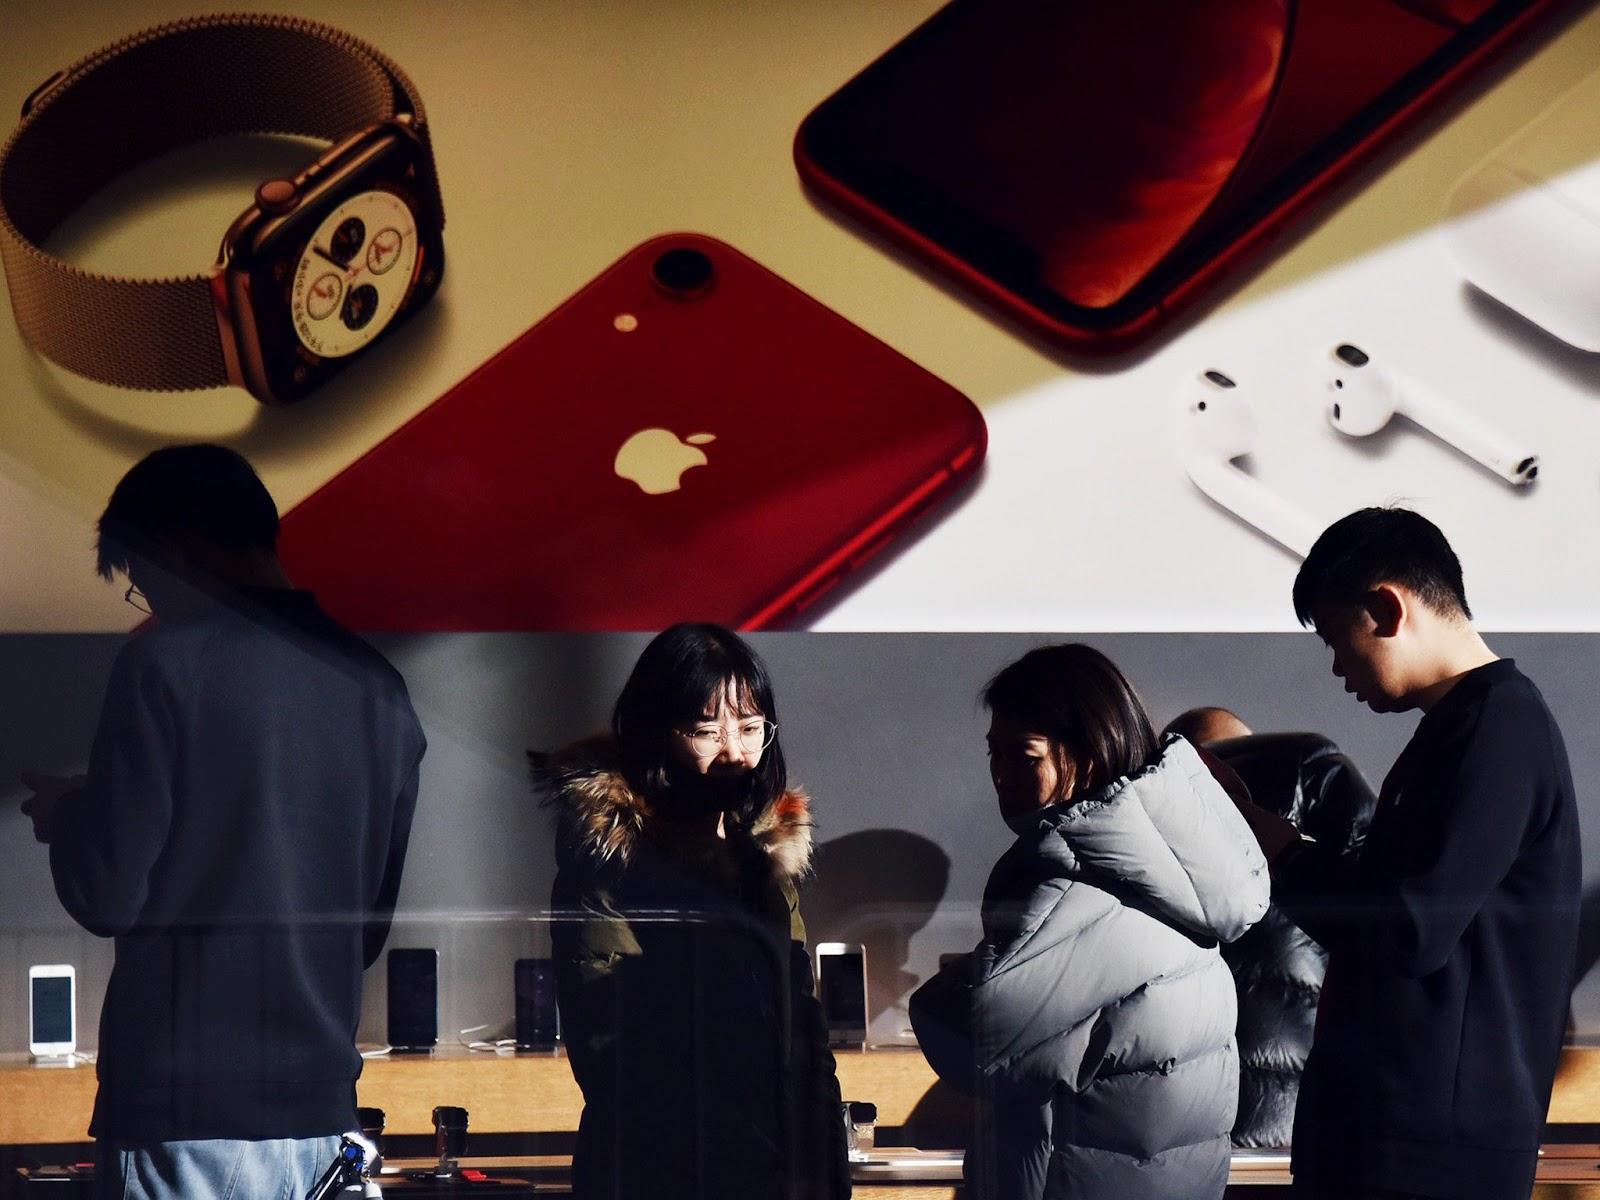 Đang tải Tinhte_Apple3.jpg…